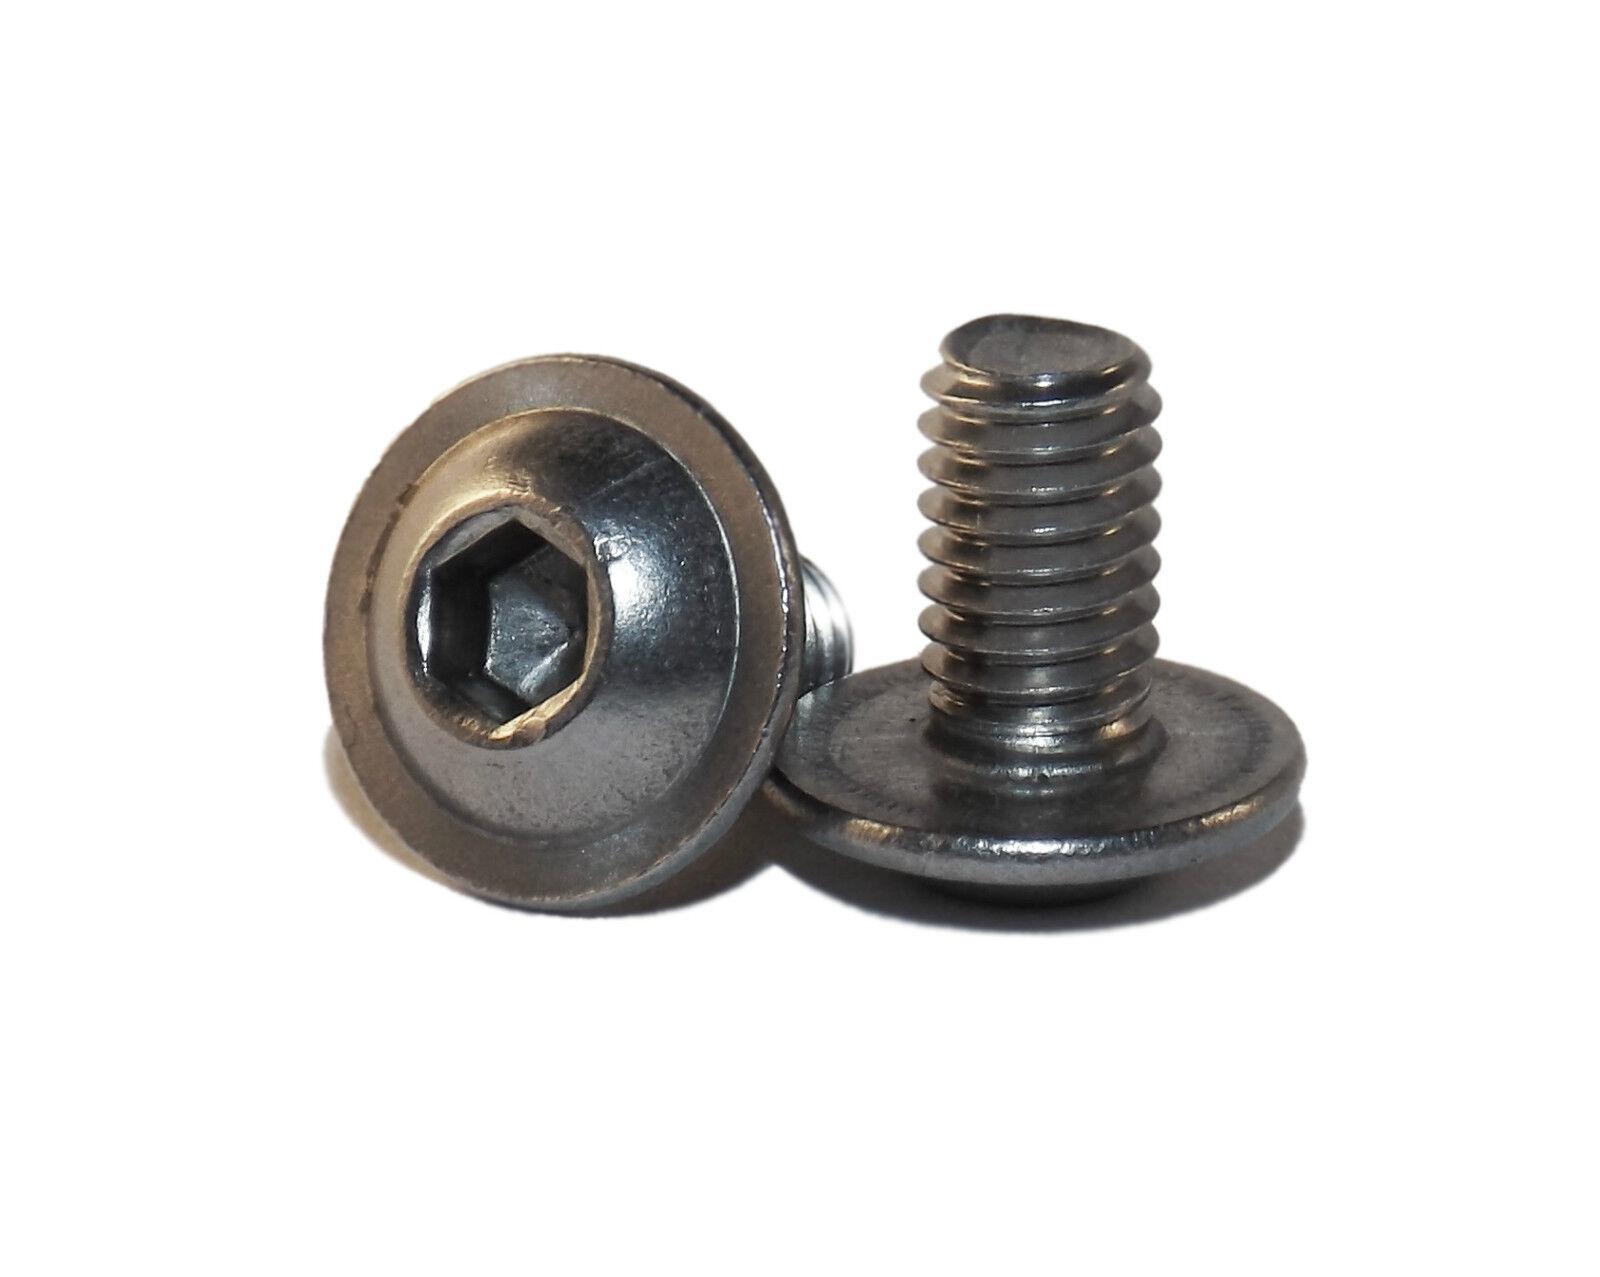 Edelstahl Bundschrauben M12 Innensechskant ISO7380 ISO7380 ISO7380 2 V2A A2 VA 12 mm Schrauben | Spielen Sie das Beste  609c9a